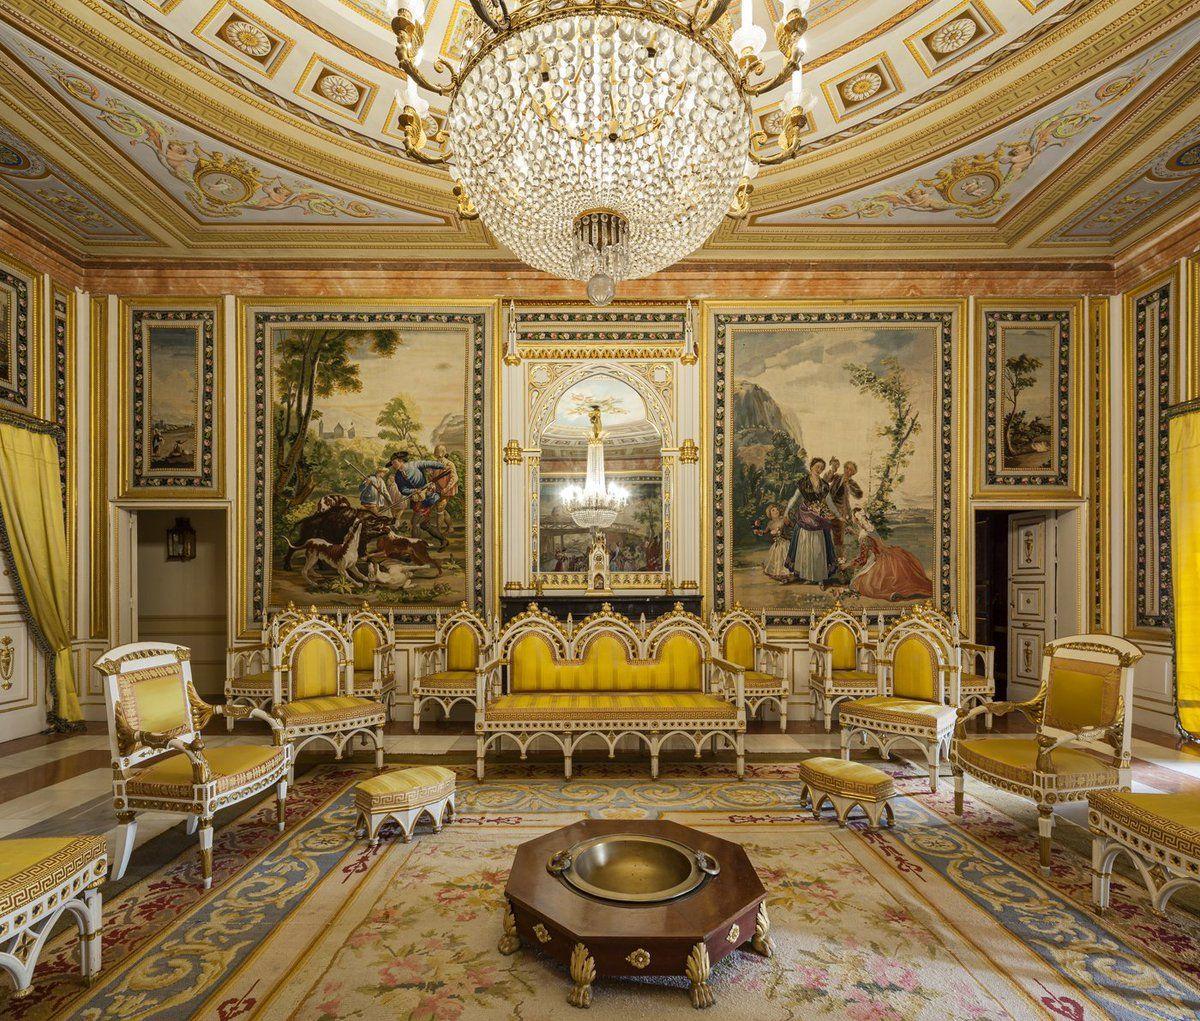 Sala De Audiencias Del Palacio De Los Borbones Del Real Sitio Del  # Muebles Guzman Naranjo